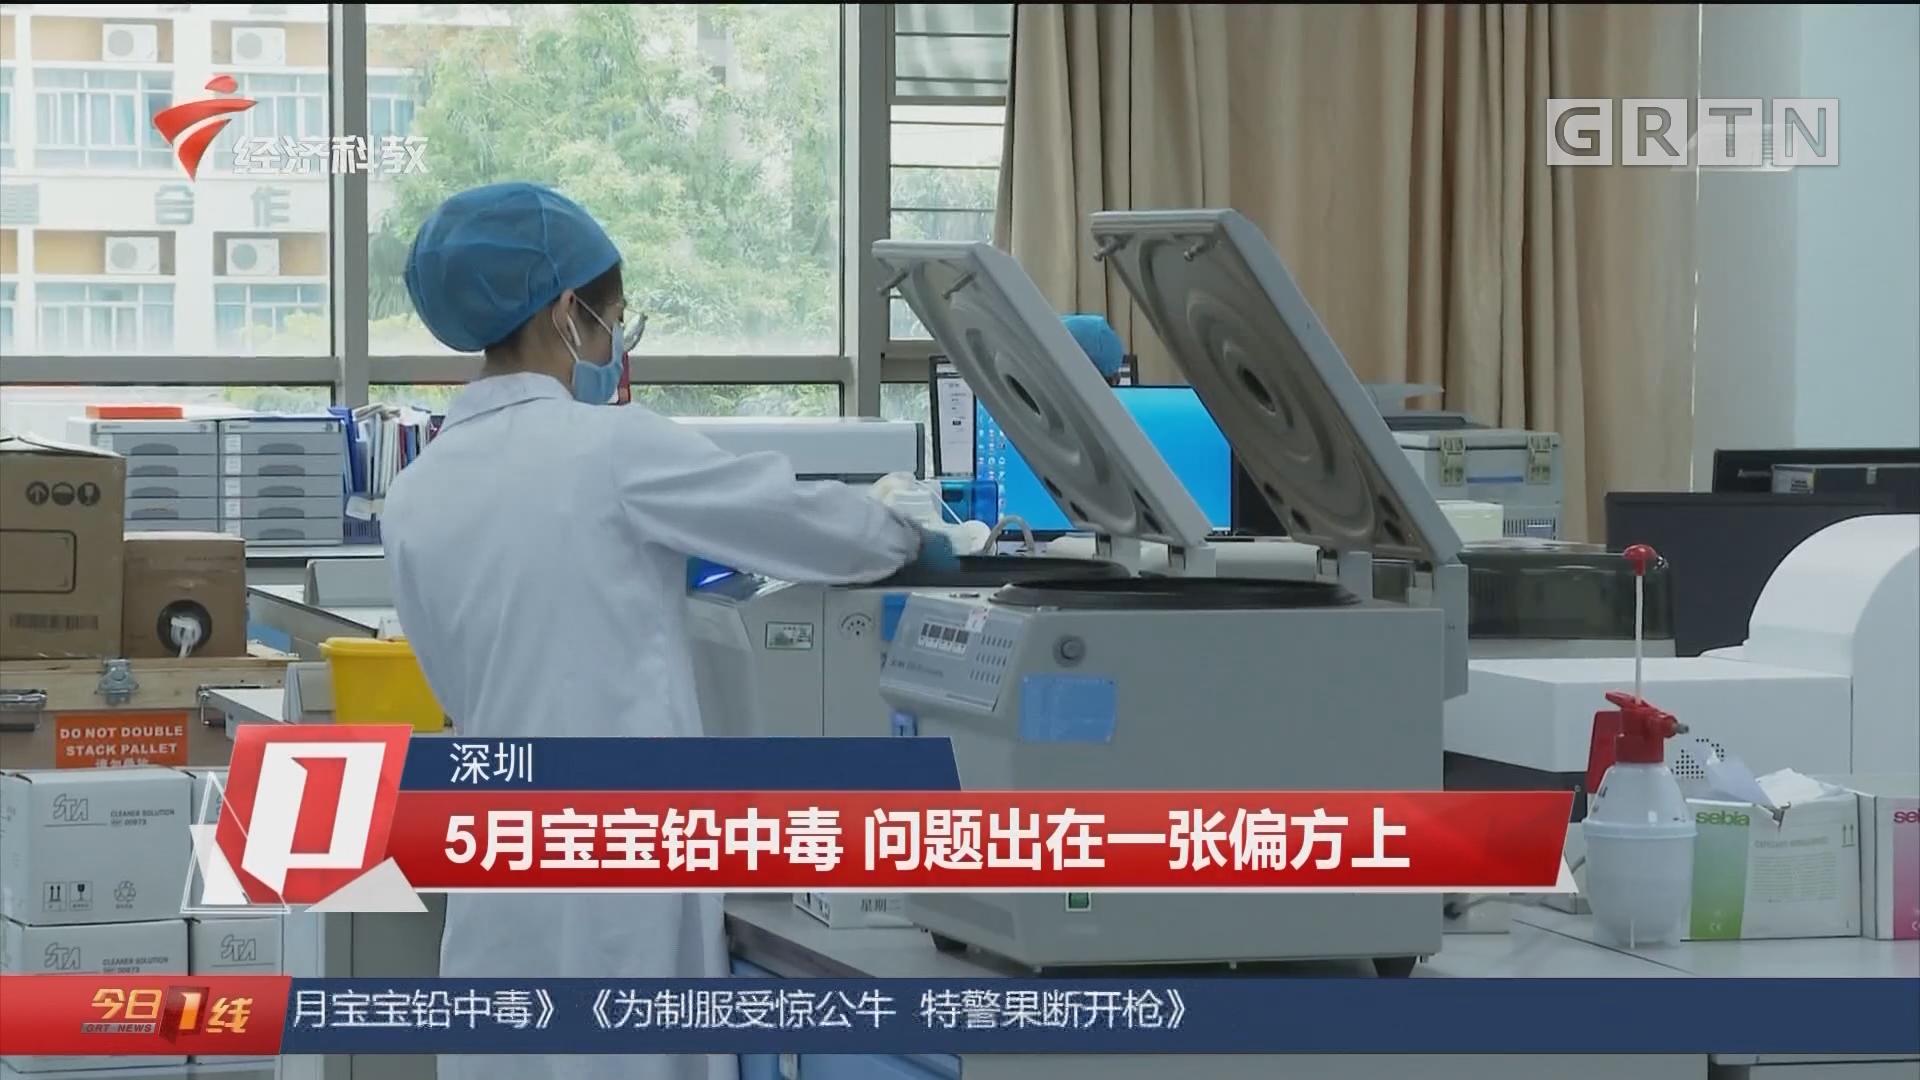 深圳 5月宝宝铅中毒 问题出在一张偏方上